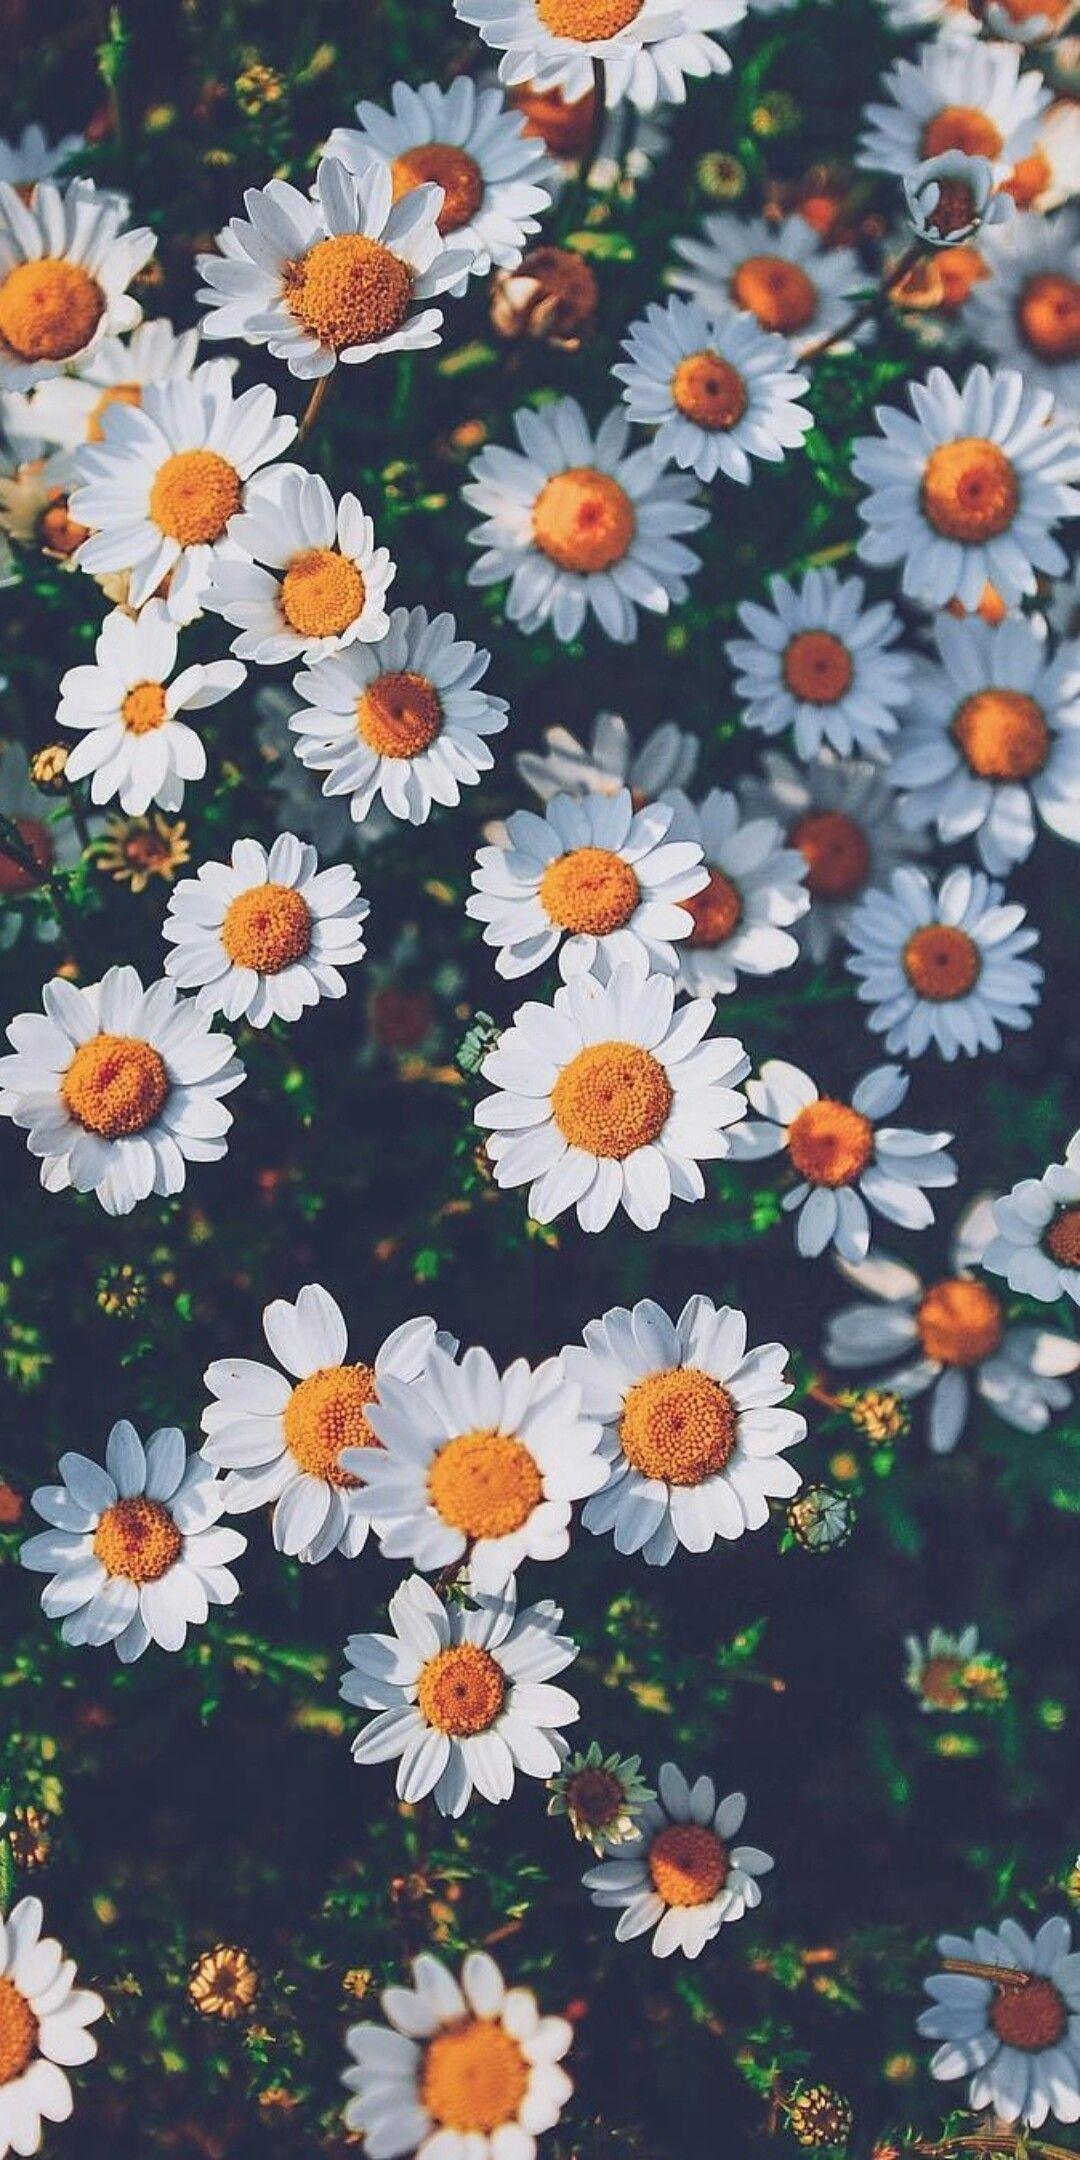 Pin Oleh Pauli Pussetto Di Flowers Latar Belakang Bunga Daisy Bunga Cat Air